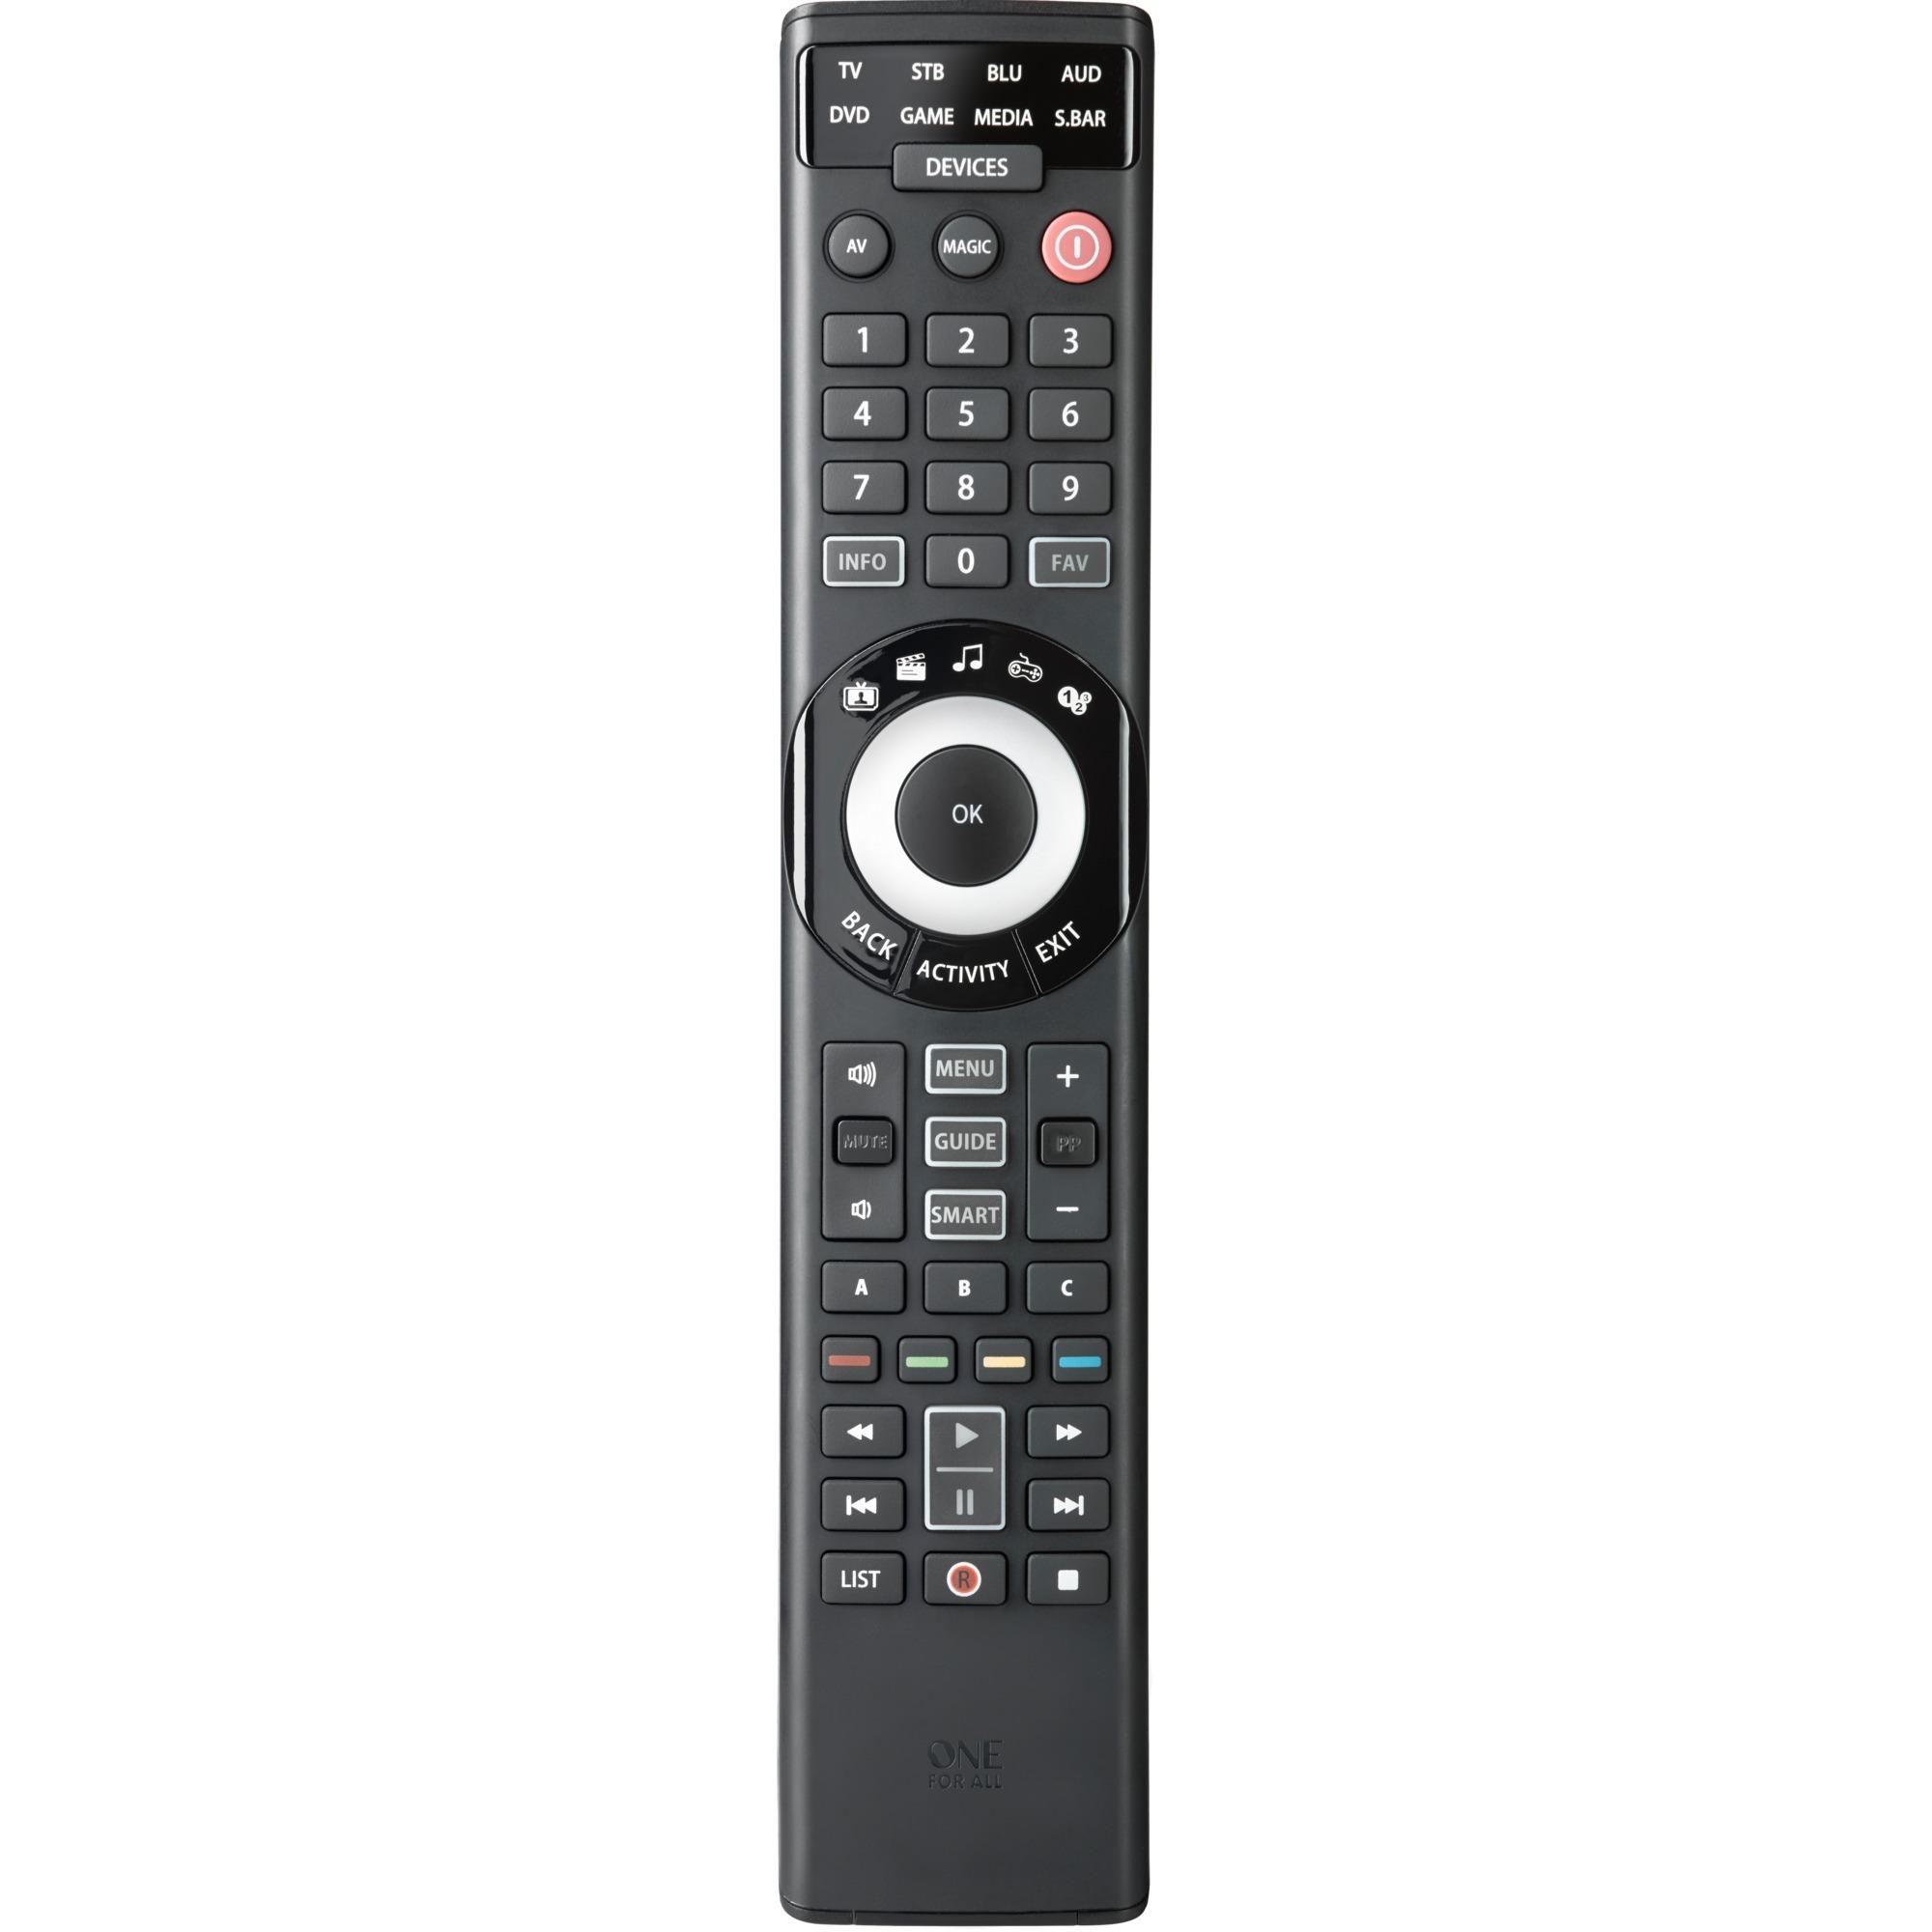 urc-7980-rf-traadlost-tryk-paa-knapper-sort-fjernbetjening-fjernbetjeningen